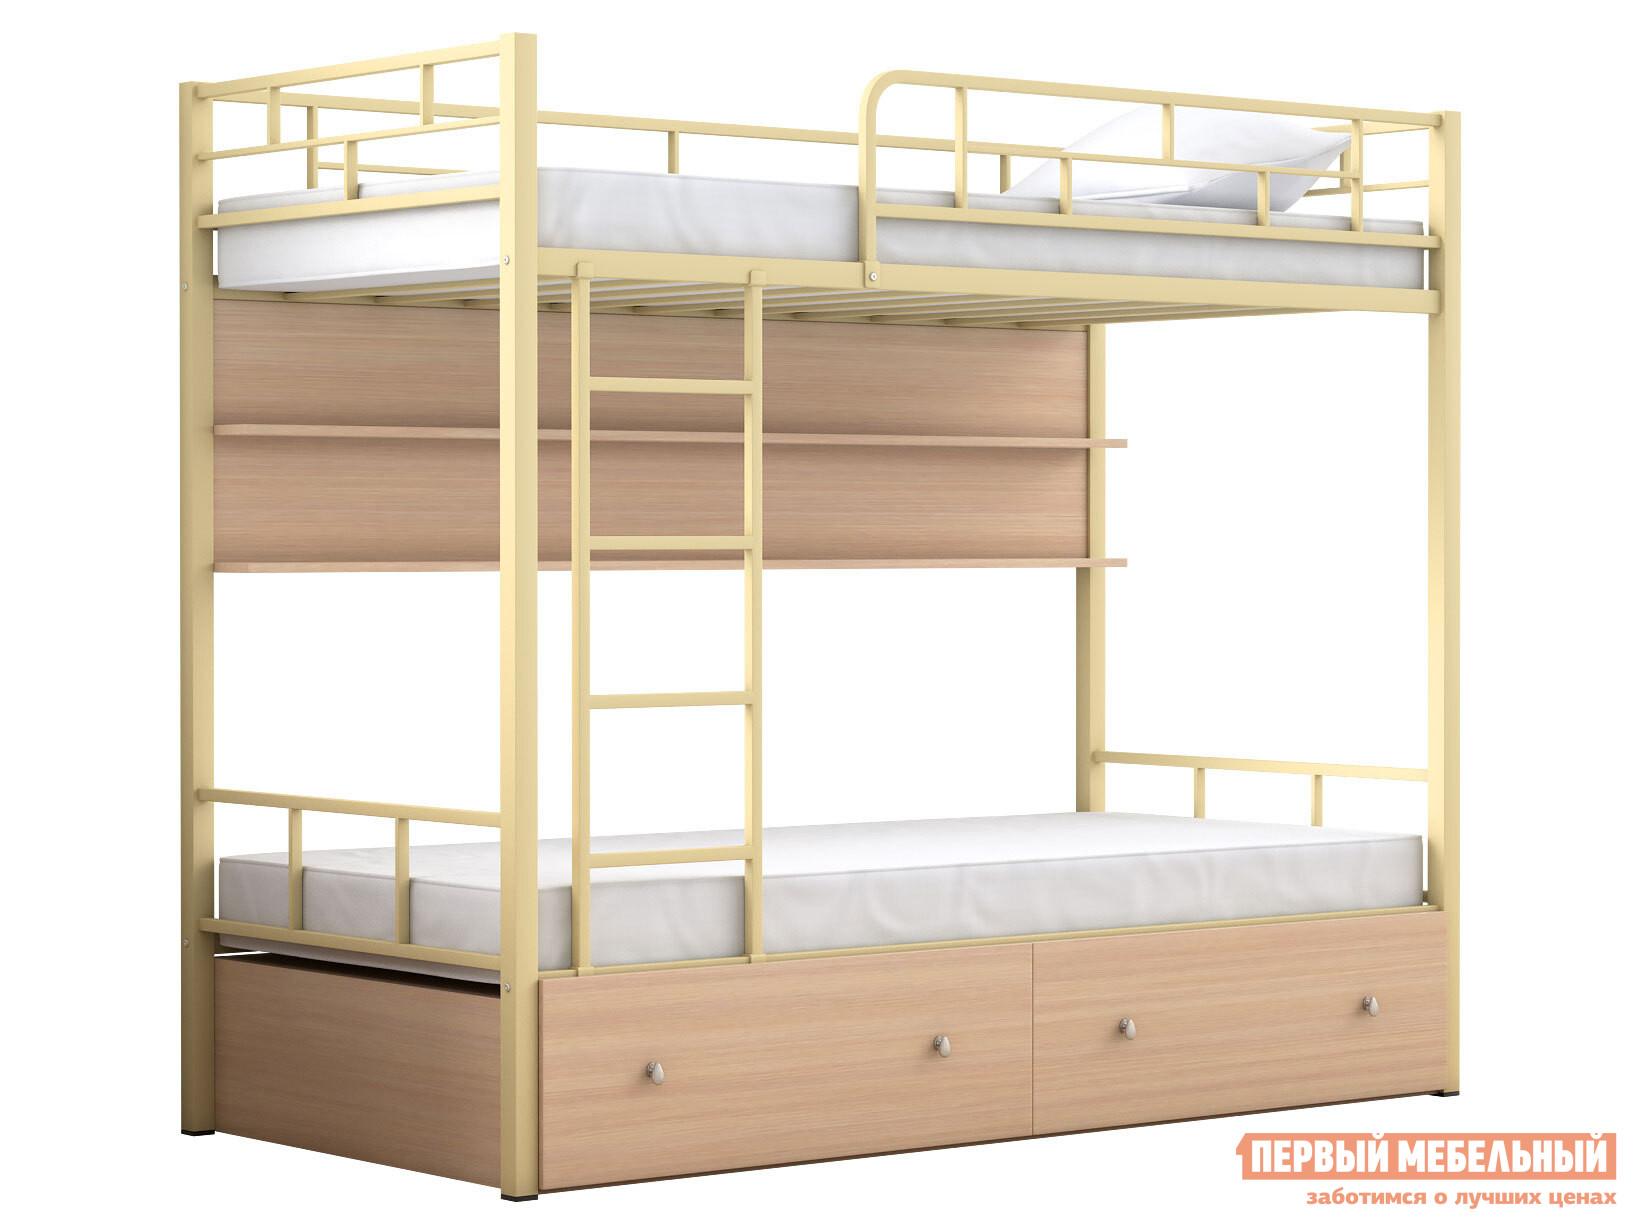 Двухъярусная кровать МФ 4 Сезона Двухъярусная детская кровать Валенсия с полкой и ящиками